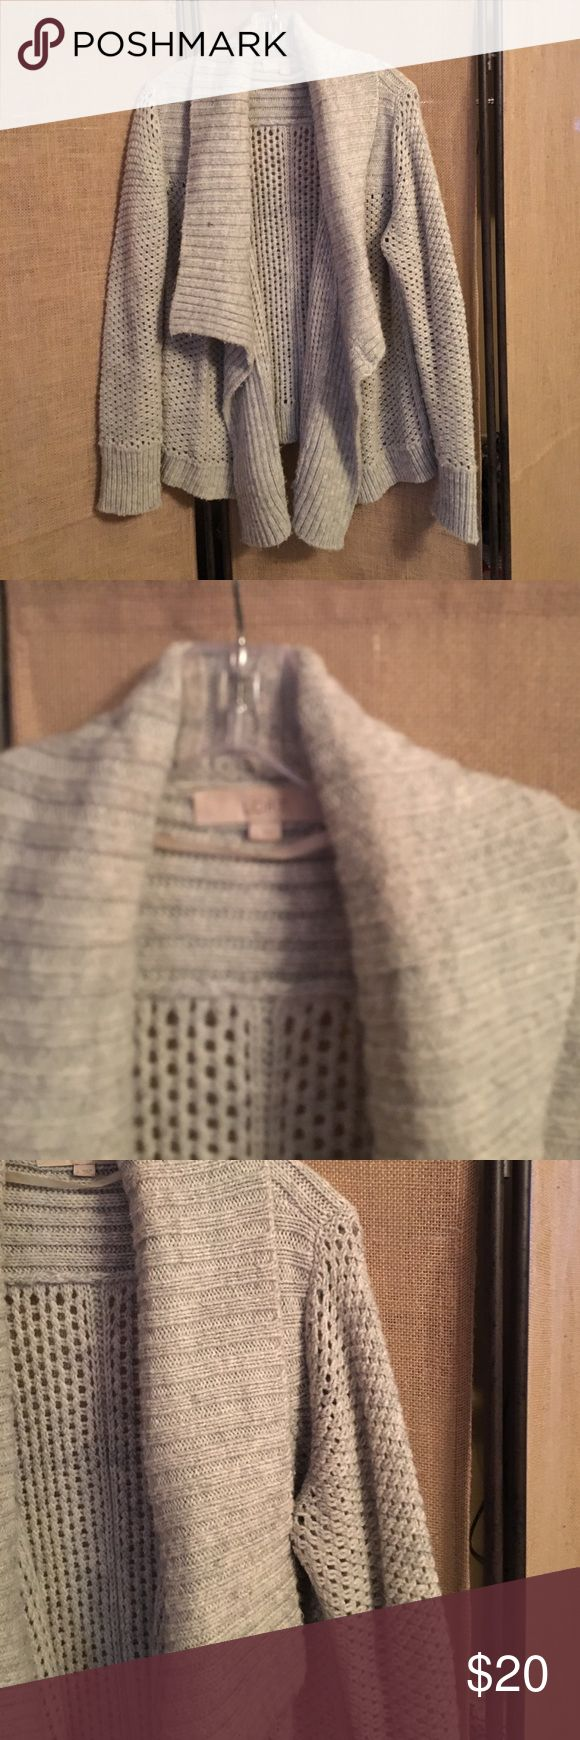 LOFT Open Cardigan LOFT Open Cardigan in gray LOFT Sweaters Cardigans